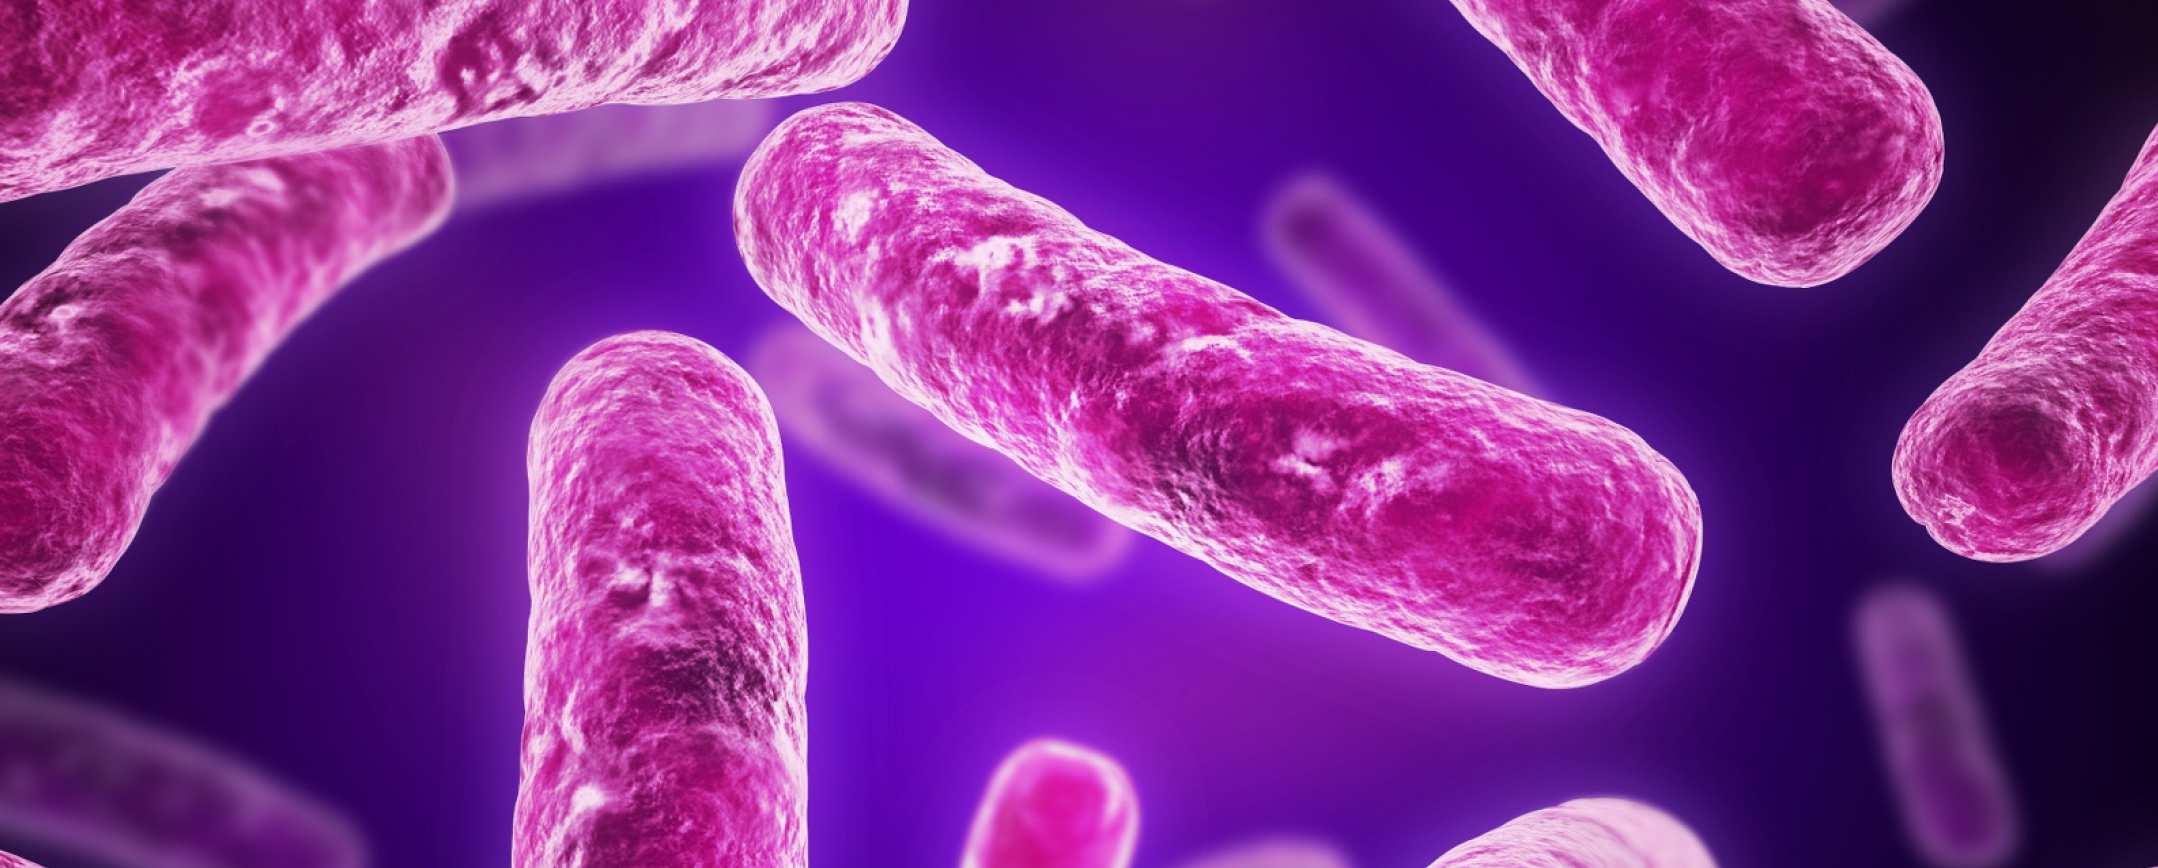 Возбудитель туберкулеза - пути заражения и живучесть бактерии, профилактика и методы терапии